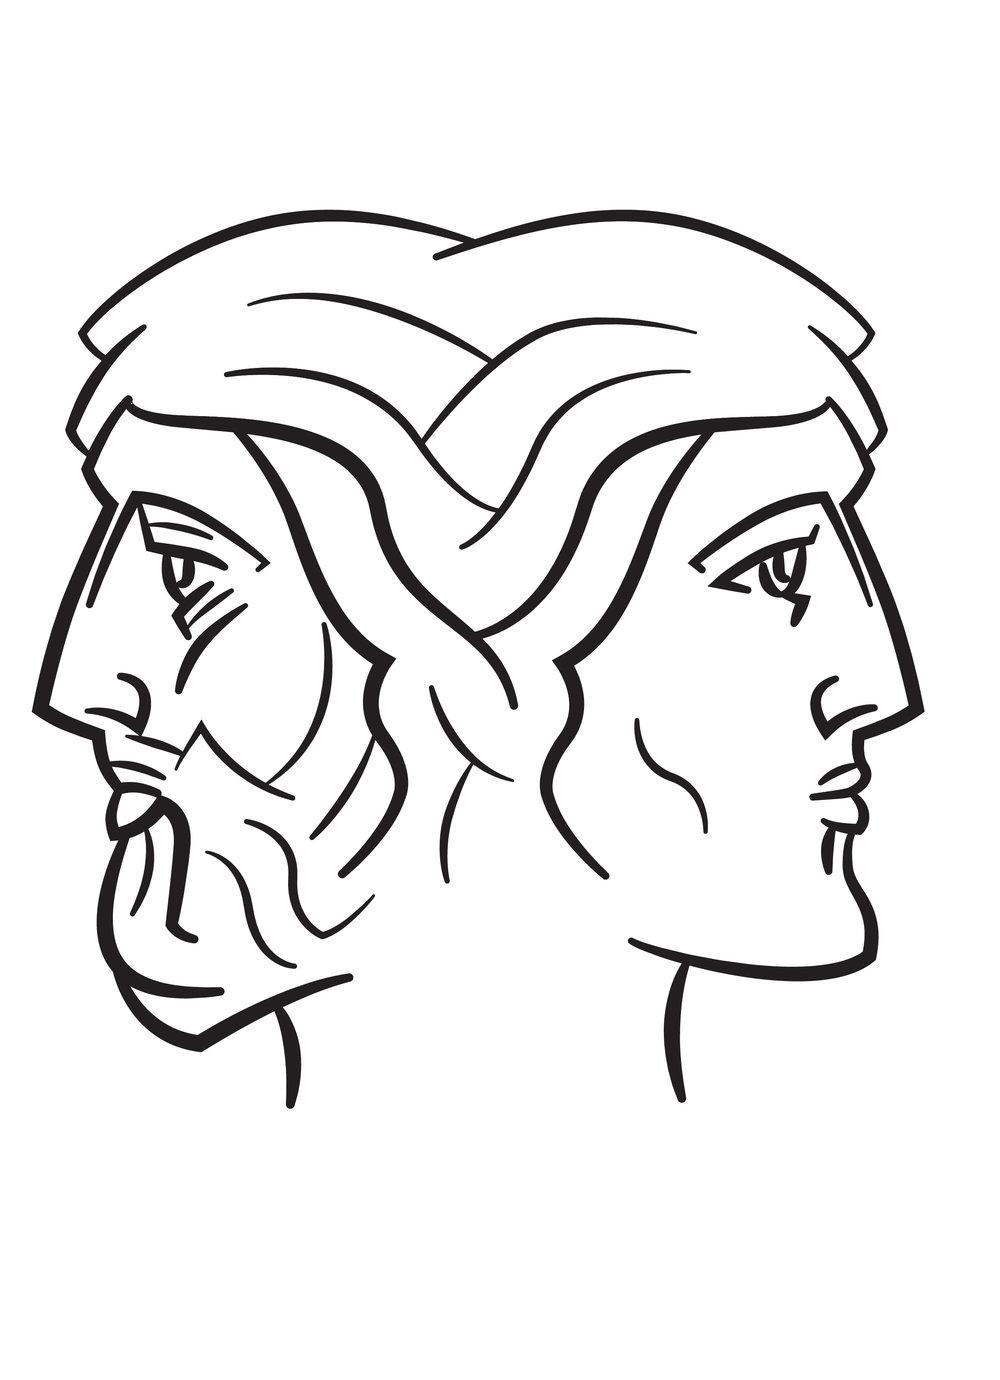 janus-logo-tank-19.jpg